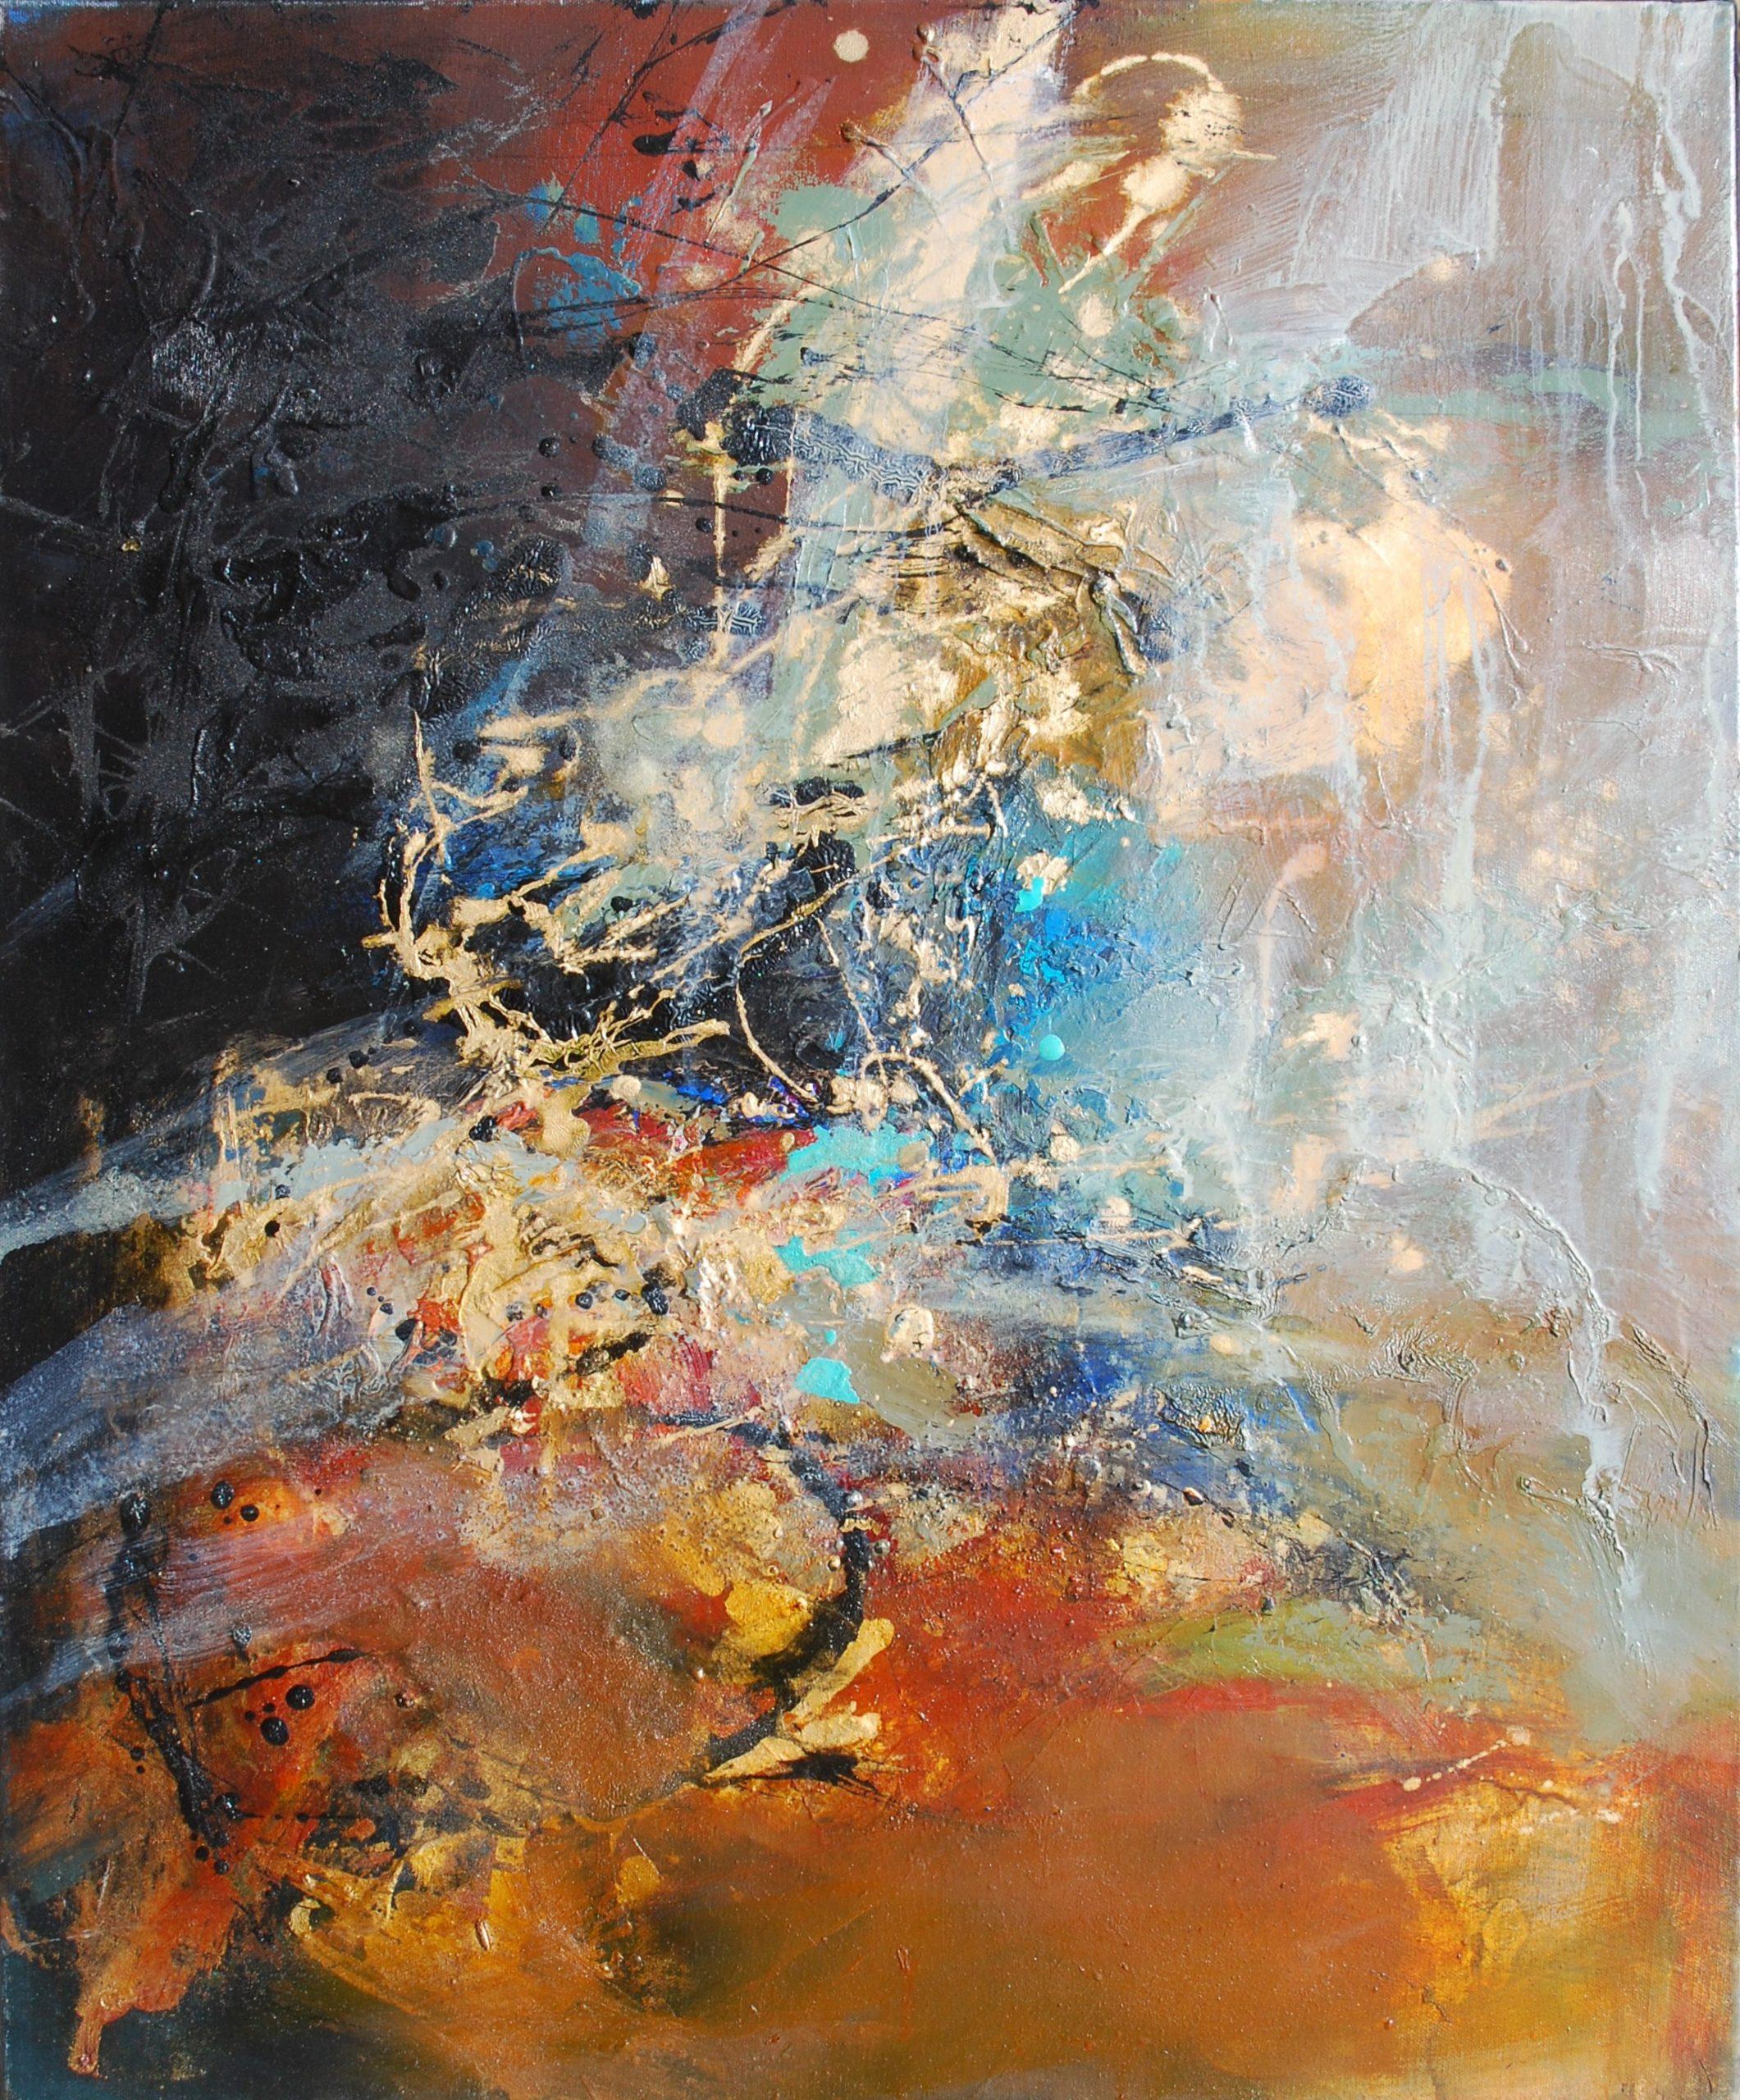 la chevauchée de l'ombre  huile sur toile 73 x 60 cm